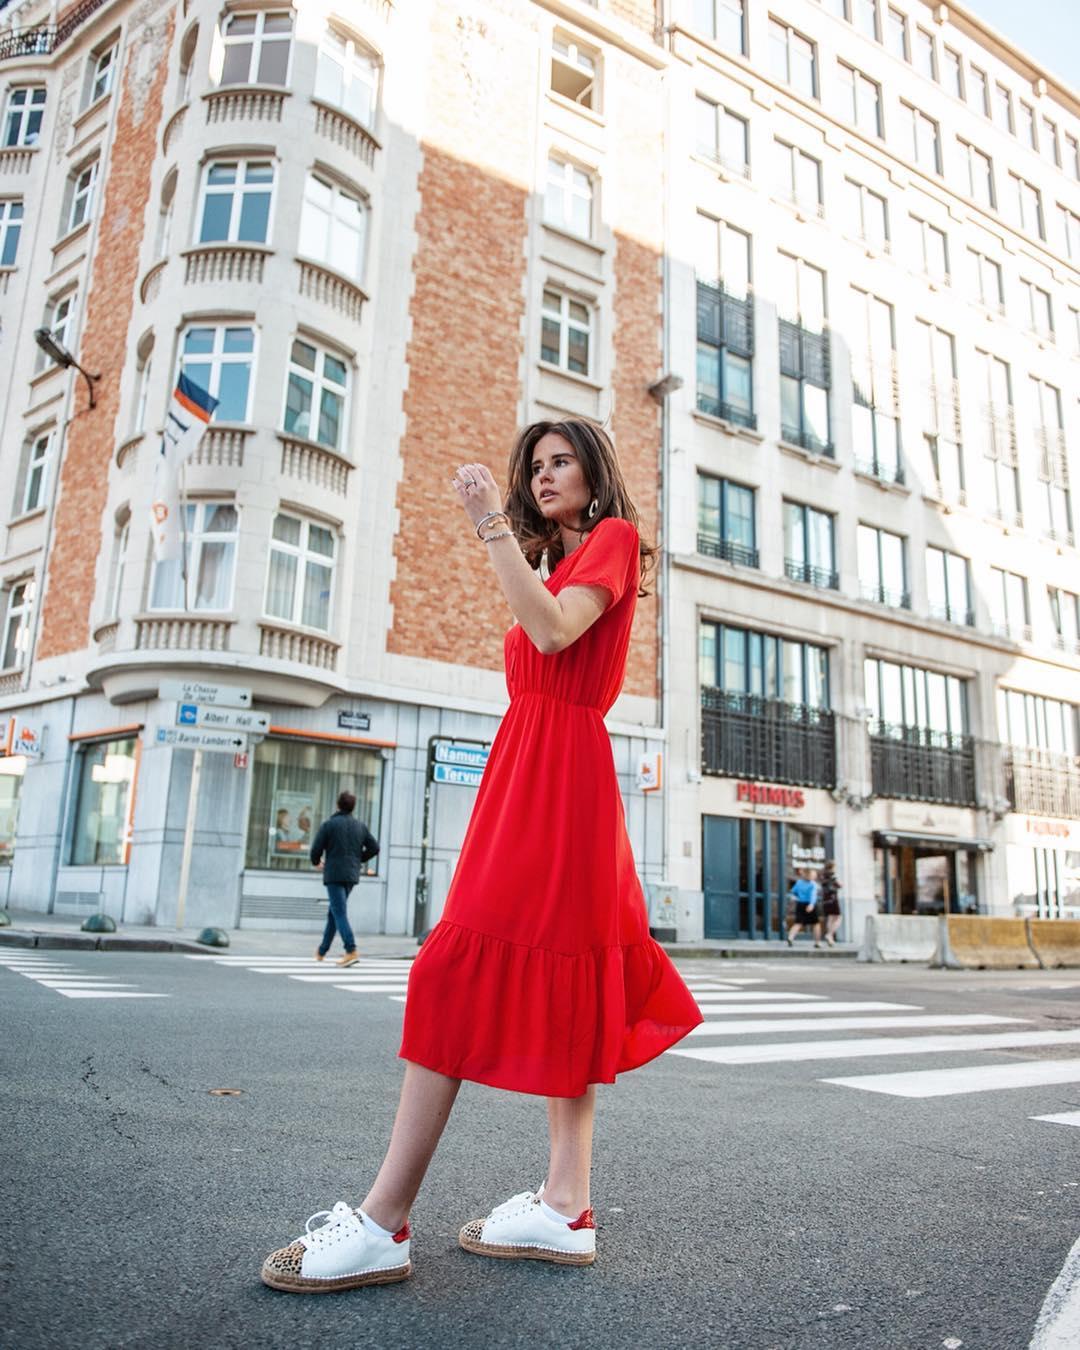 robe rouge 7/8 de Les Bourgeoises sur lesbourgeoisesofficiel